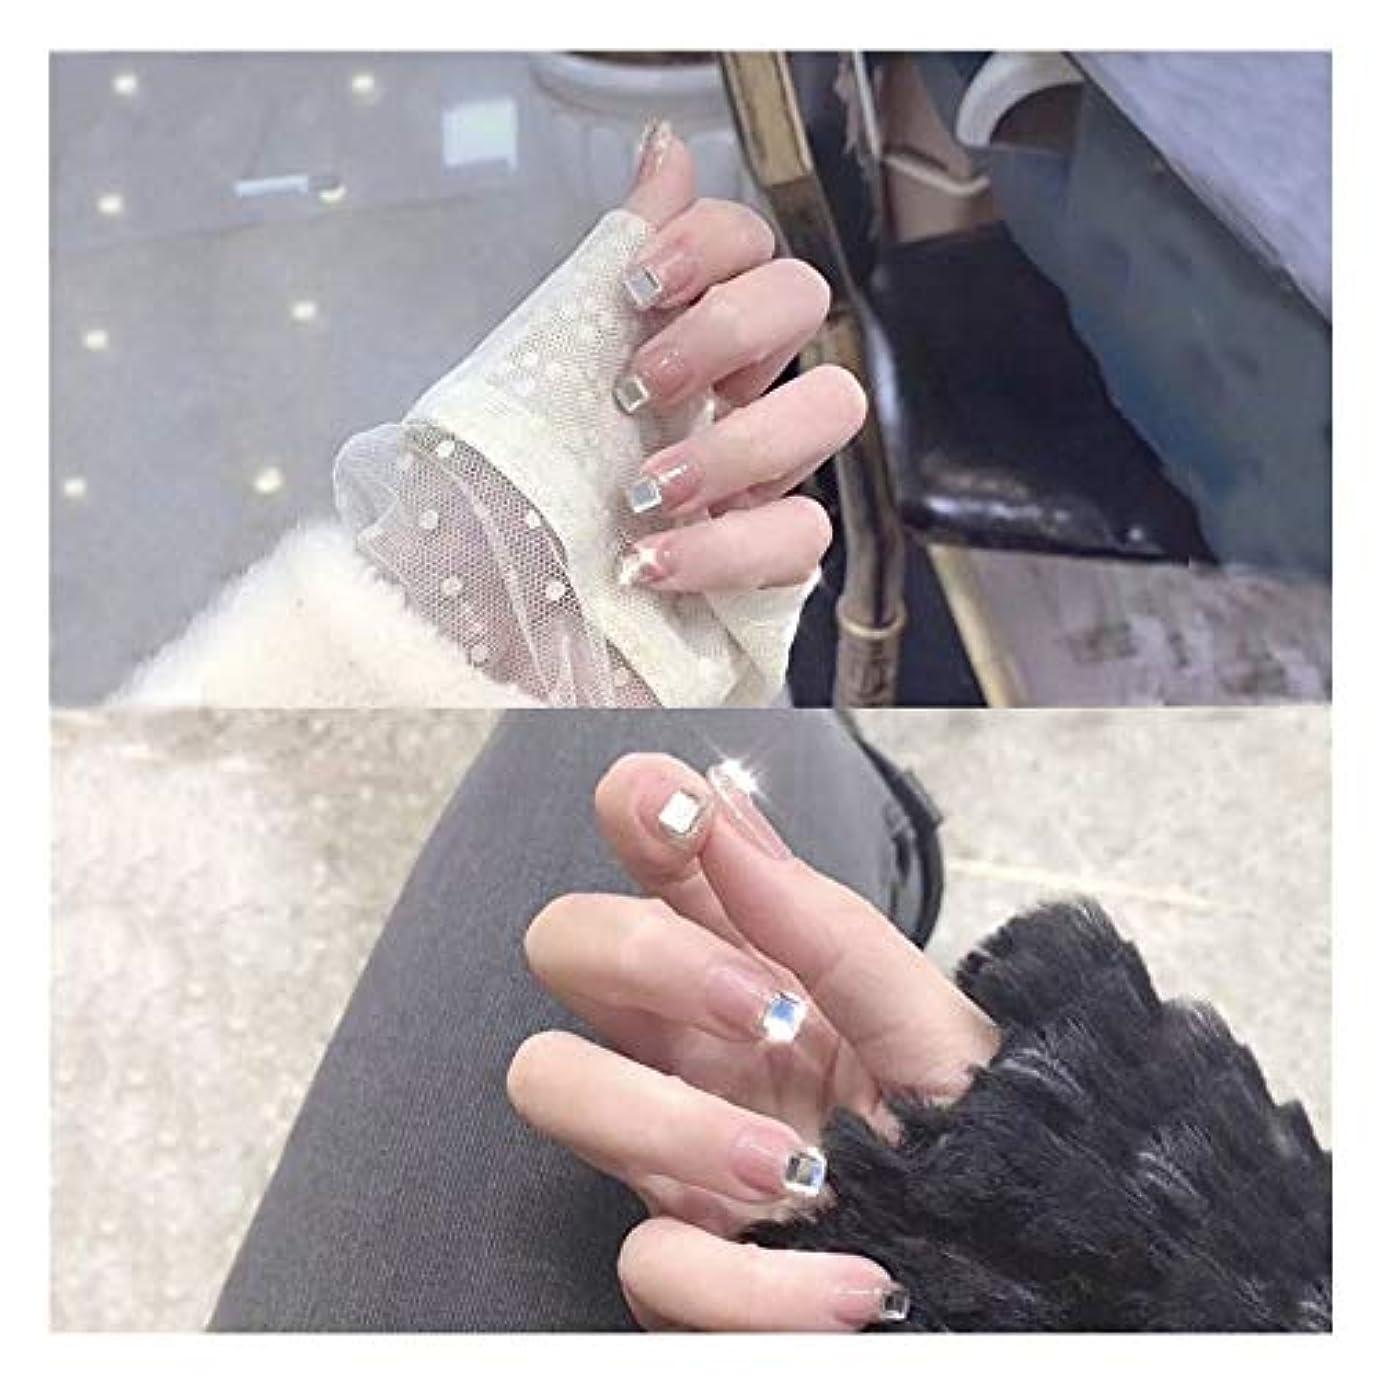 女優協力バリケードLVUITTON スクエアラインストーン接着剤偽の釘を持つ長方形ネイルズヌードピンクのかわいいファッションジュエリー仕上げネイル偽の釘 (色 : 24 pieces)